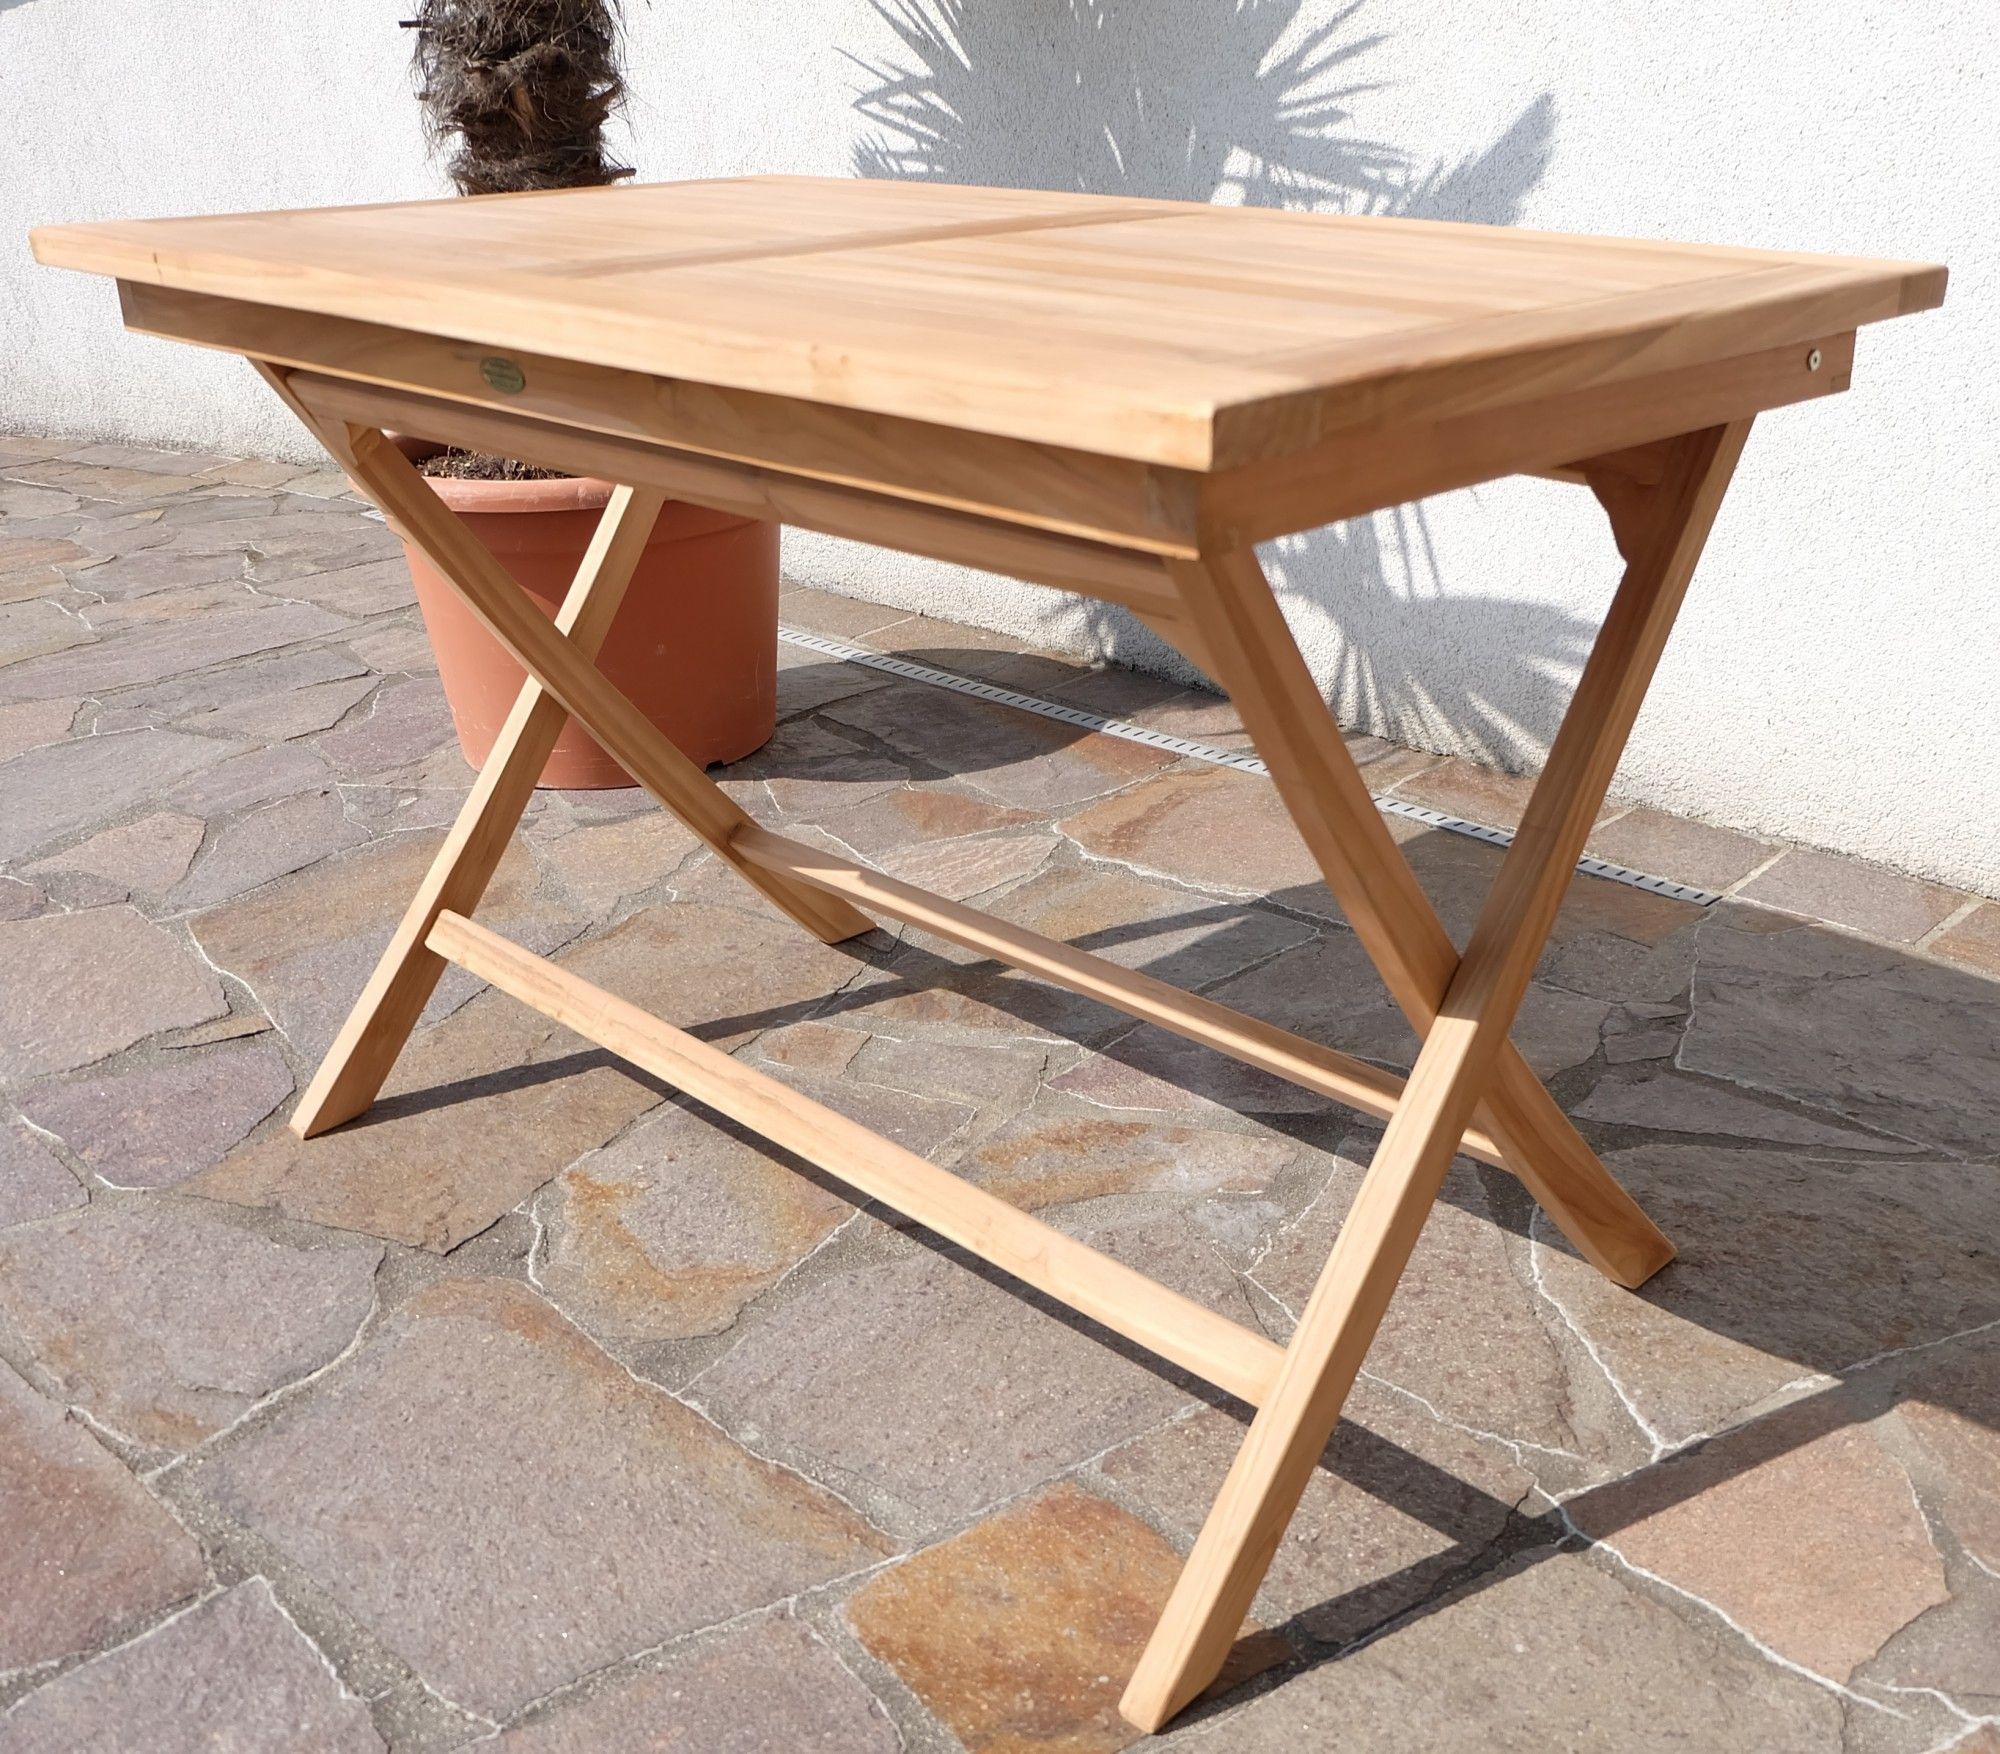 Teak Klapptisch Holztisch Gartentisch Garten Tisch 120x70cm Aves Holz Geolt Alles Fur Garten Und Terasse Gartenmobel Gartenmobel Tisch Gartenmobel Gartentisch